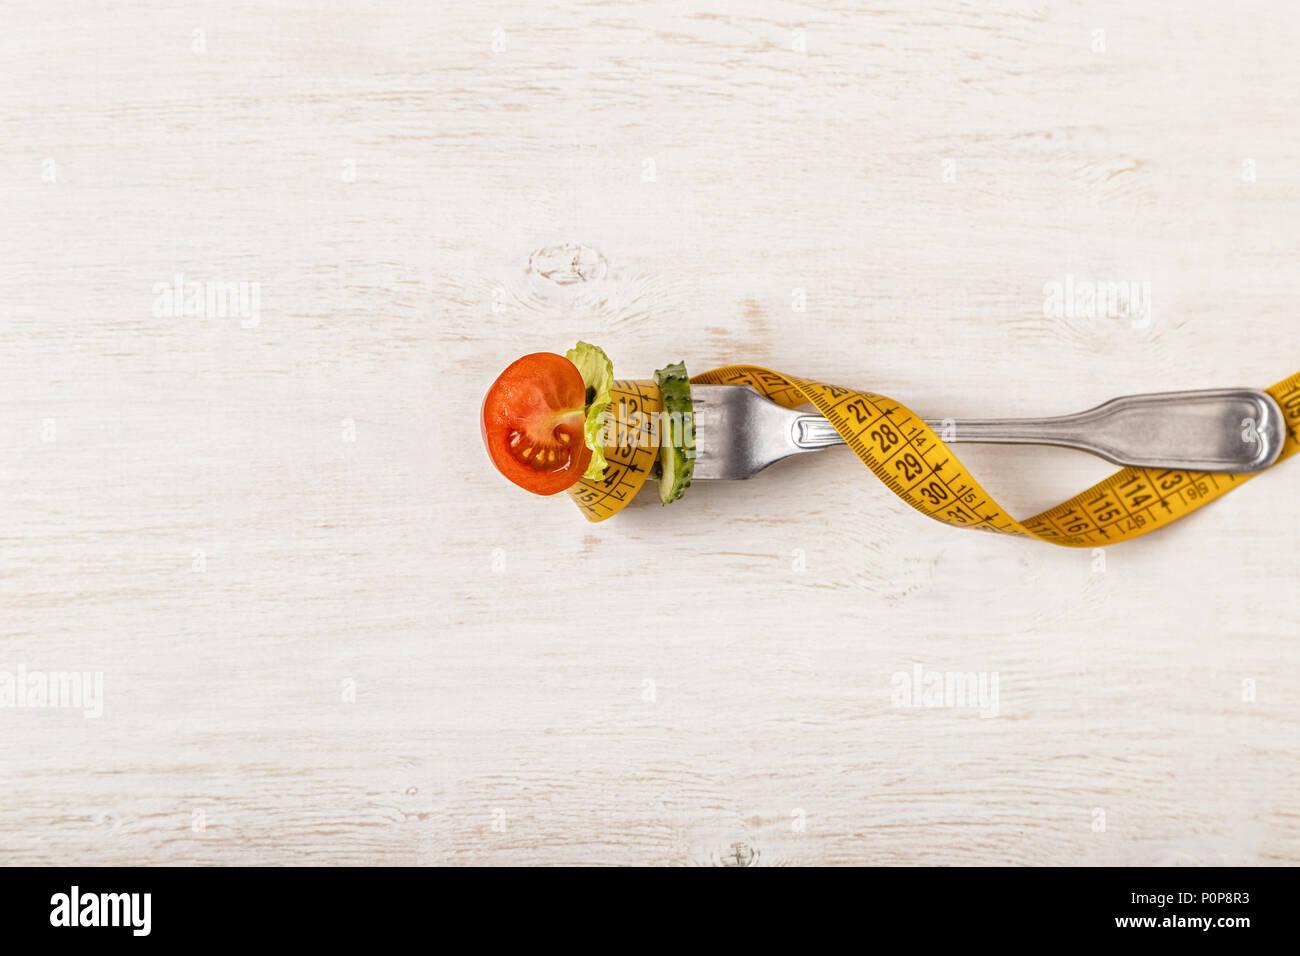 Frischer Salat auf einer Gabel, Maßband, Ansicht von oben. Das Konzept der Ernährung, gesundes Essen Stockbild